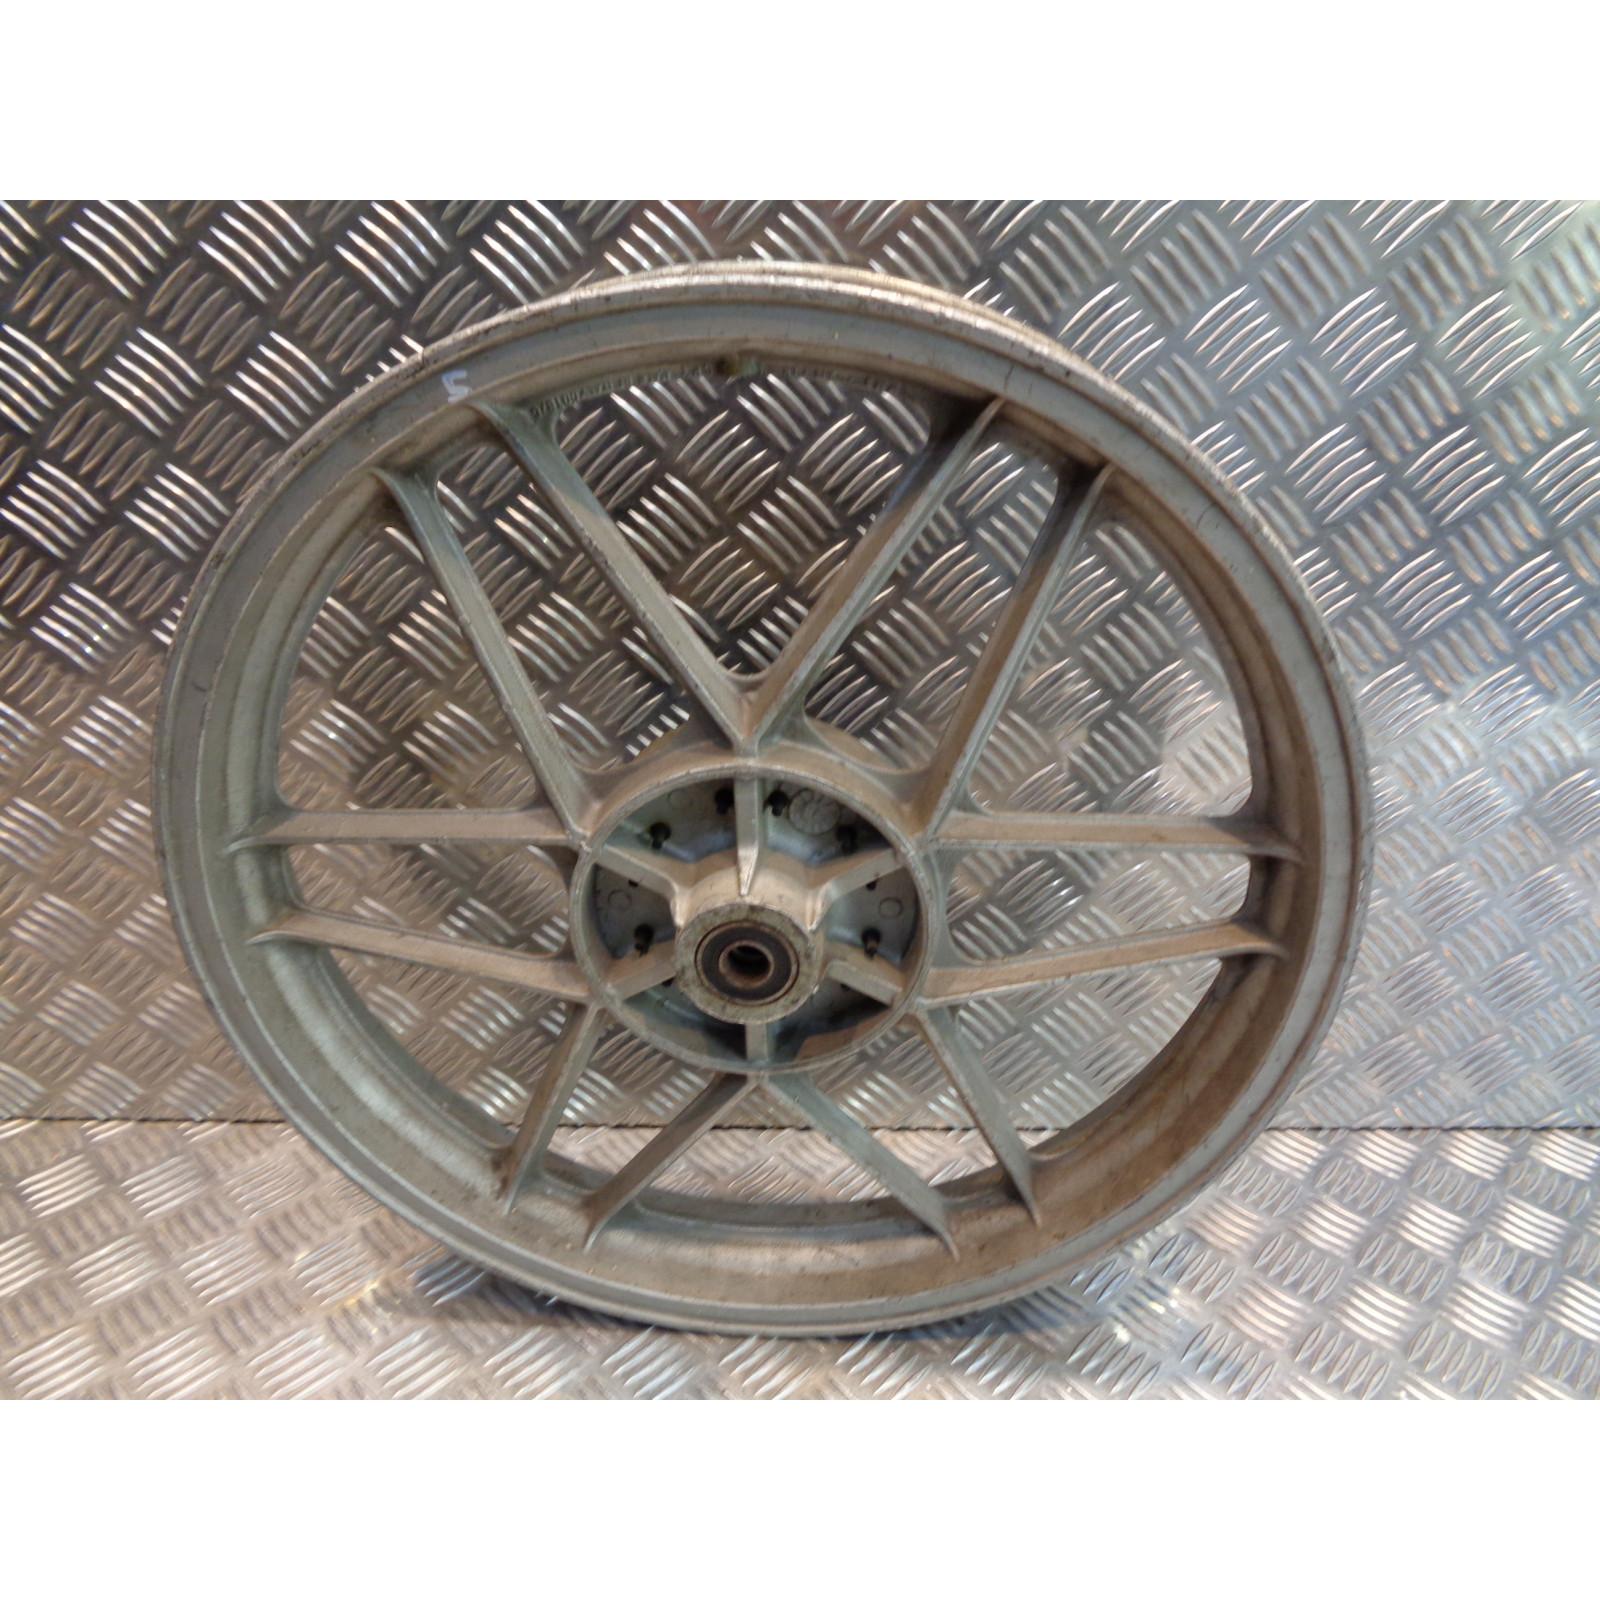 roue jante arriere moto guzzi 500 v50 monza